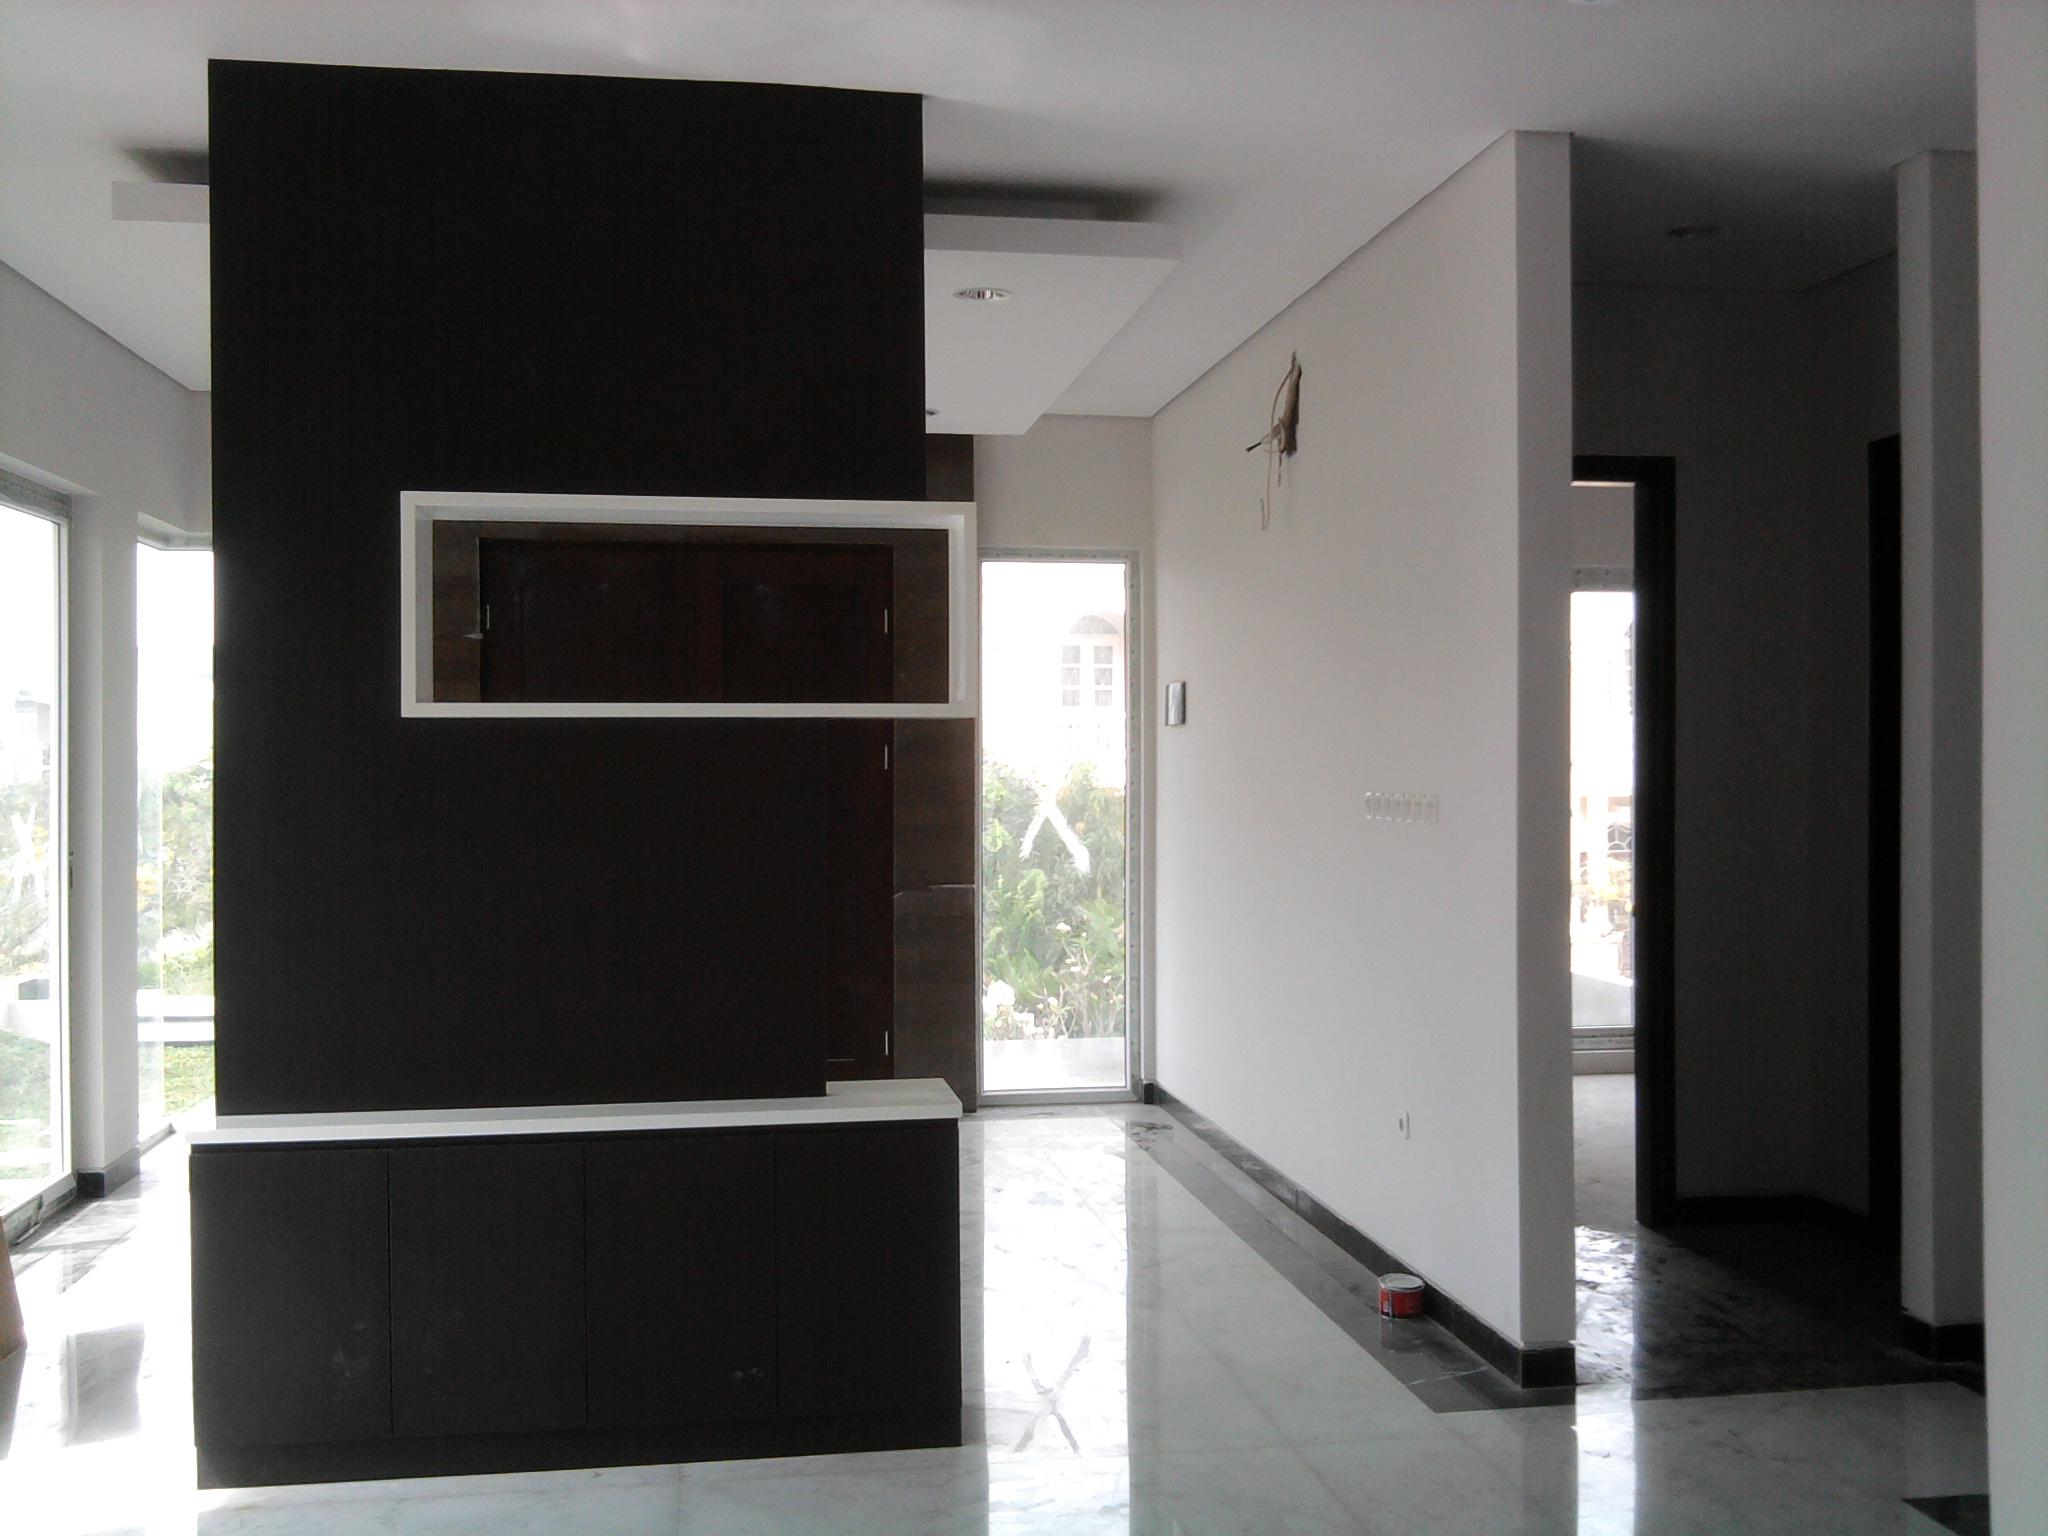 Jasa interior design apartemen di jakarta utara